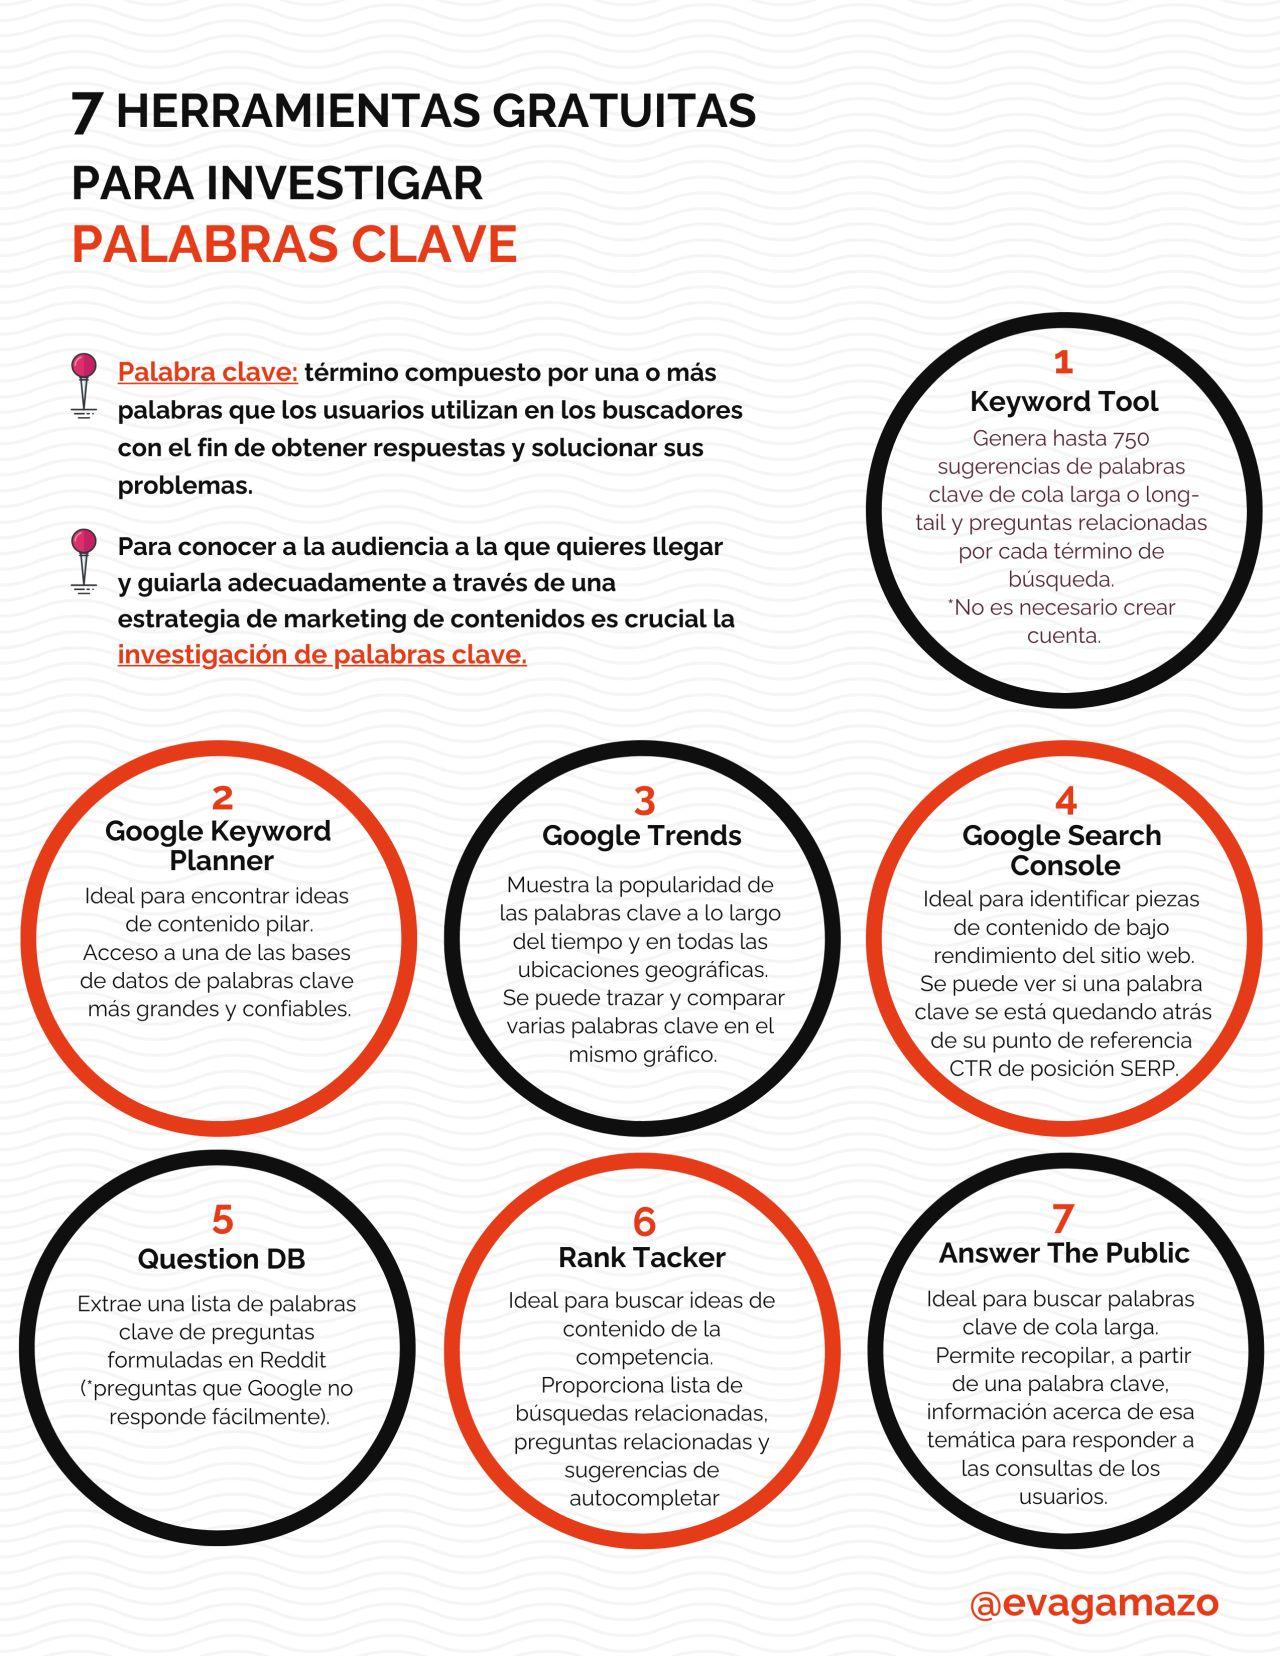 10 herramientas gratuitas para investigar Palabras Clave #inforgafia #infographic #seo